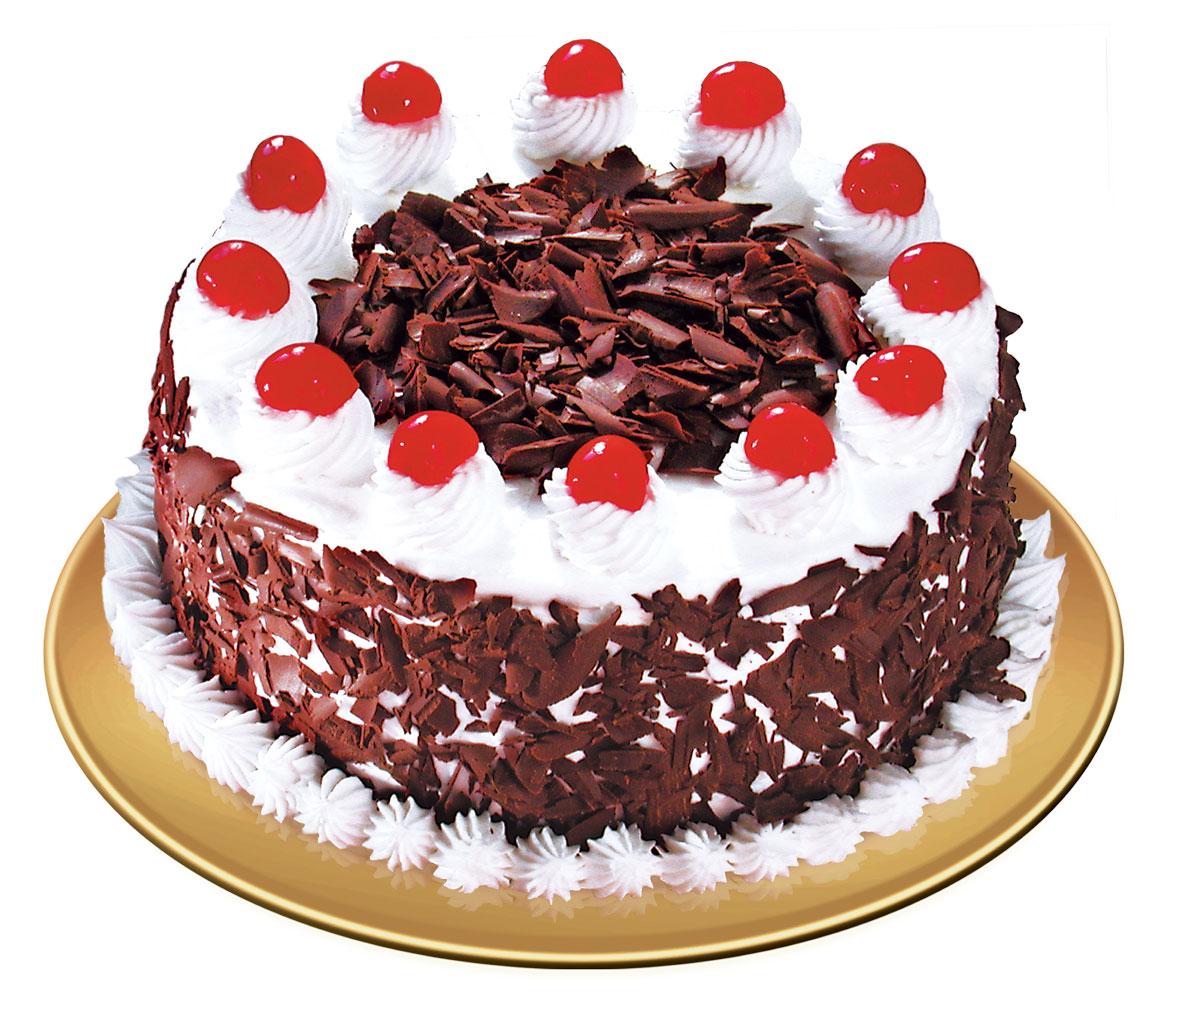 Resep Kue Natal Favorit Rasa Cokelat Sederhana